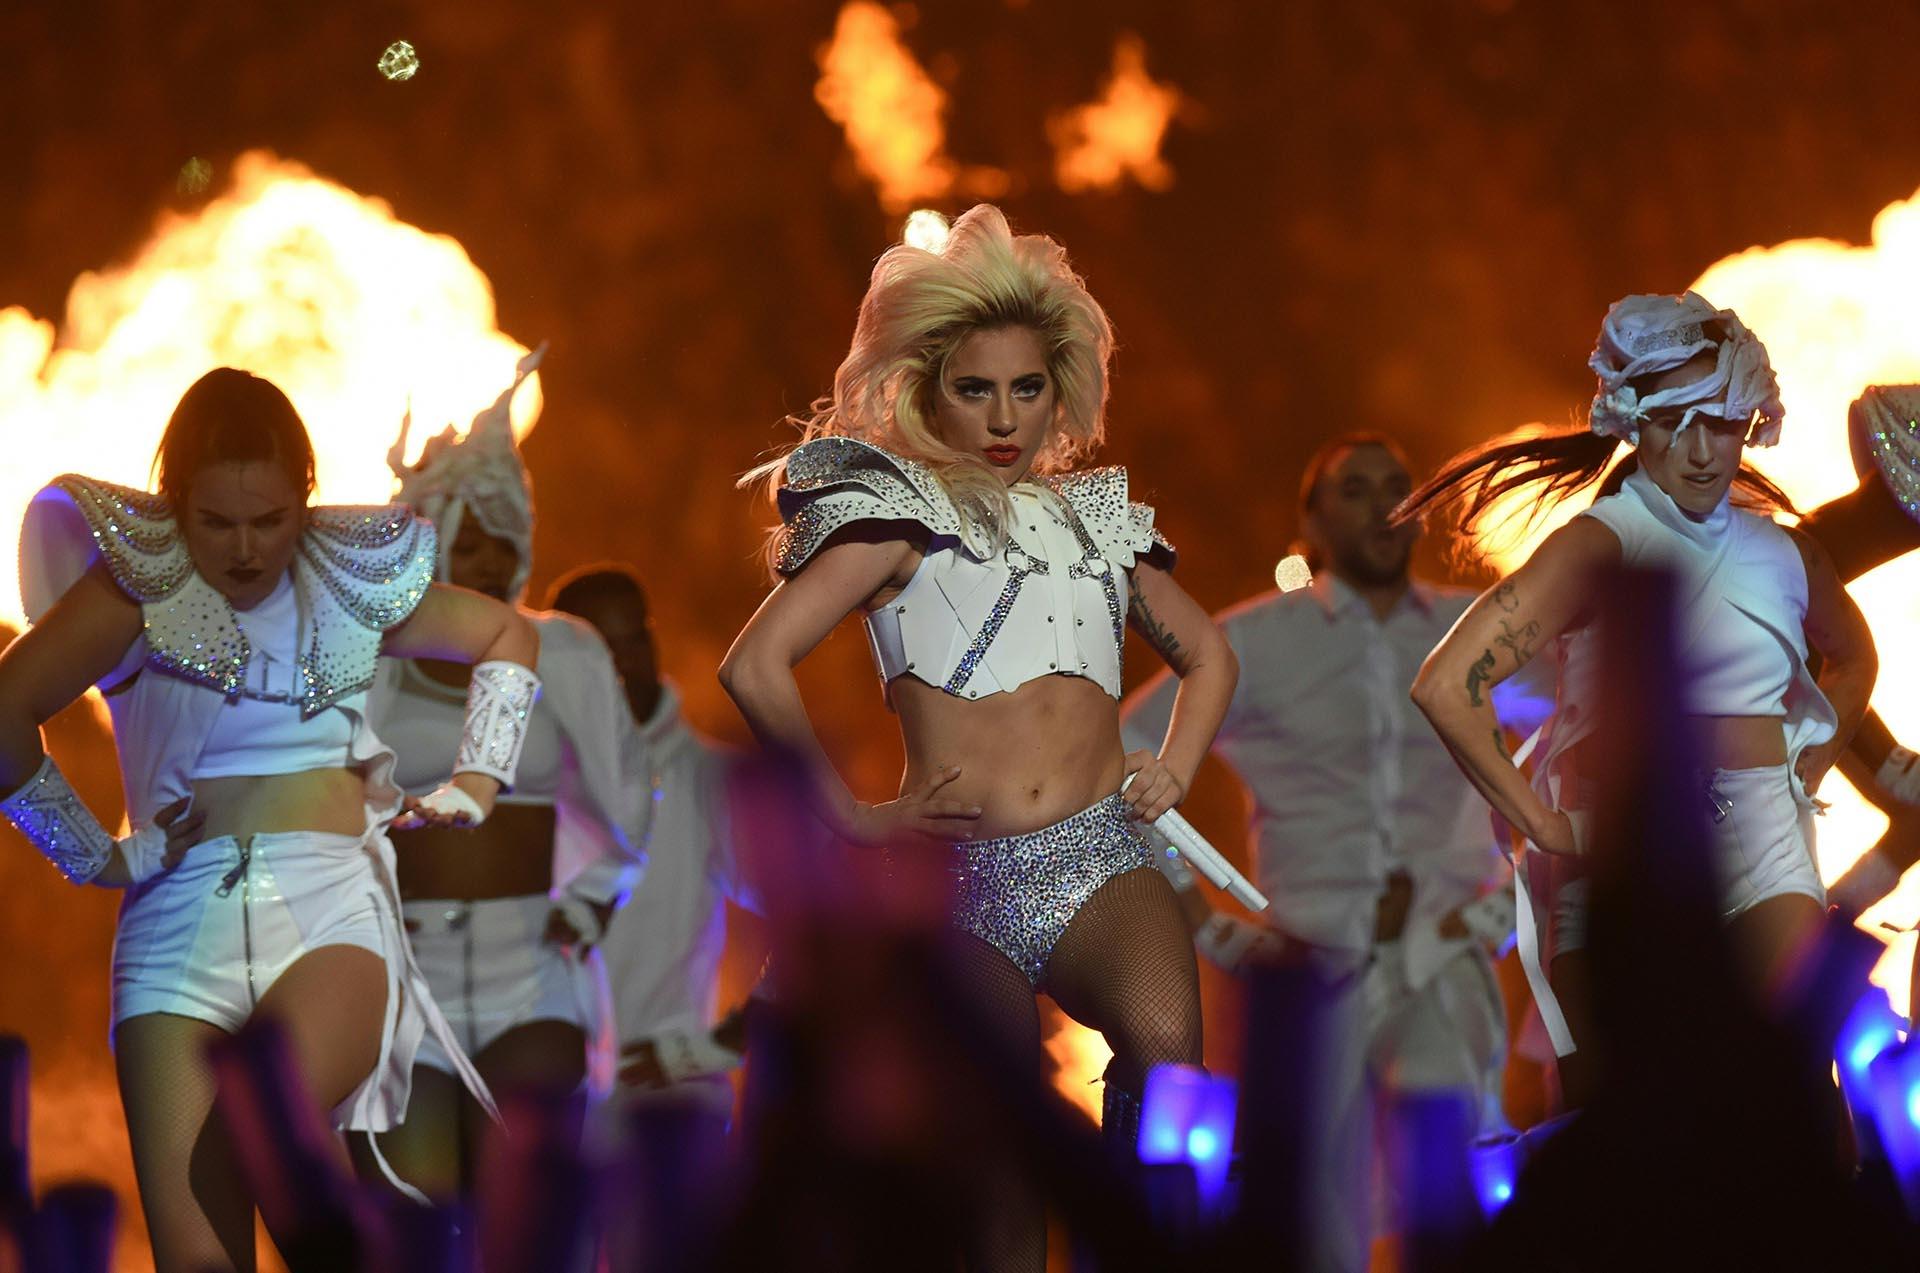 El espectáculo artístico musical del medio tiempo también se ha convertido en el segmento más visto del Super Bowl y de ahí la importancia de colocar la publicidad